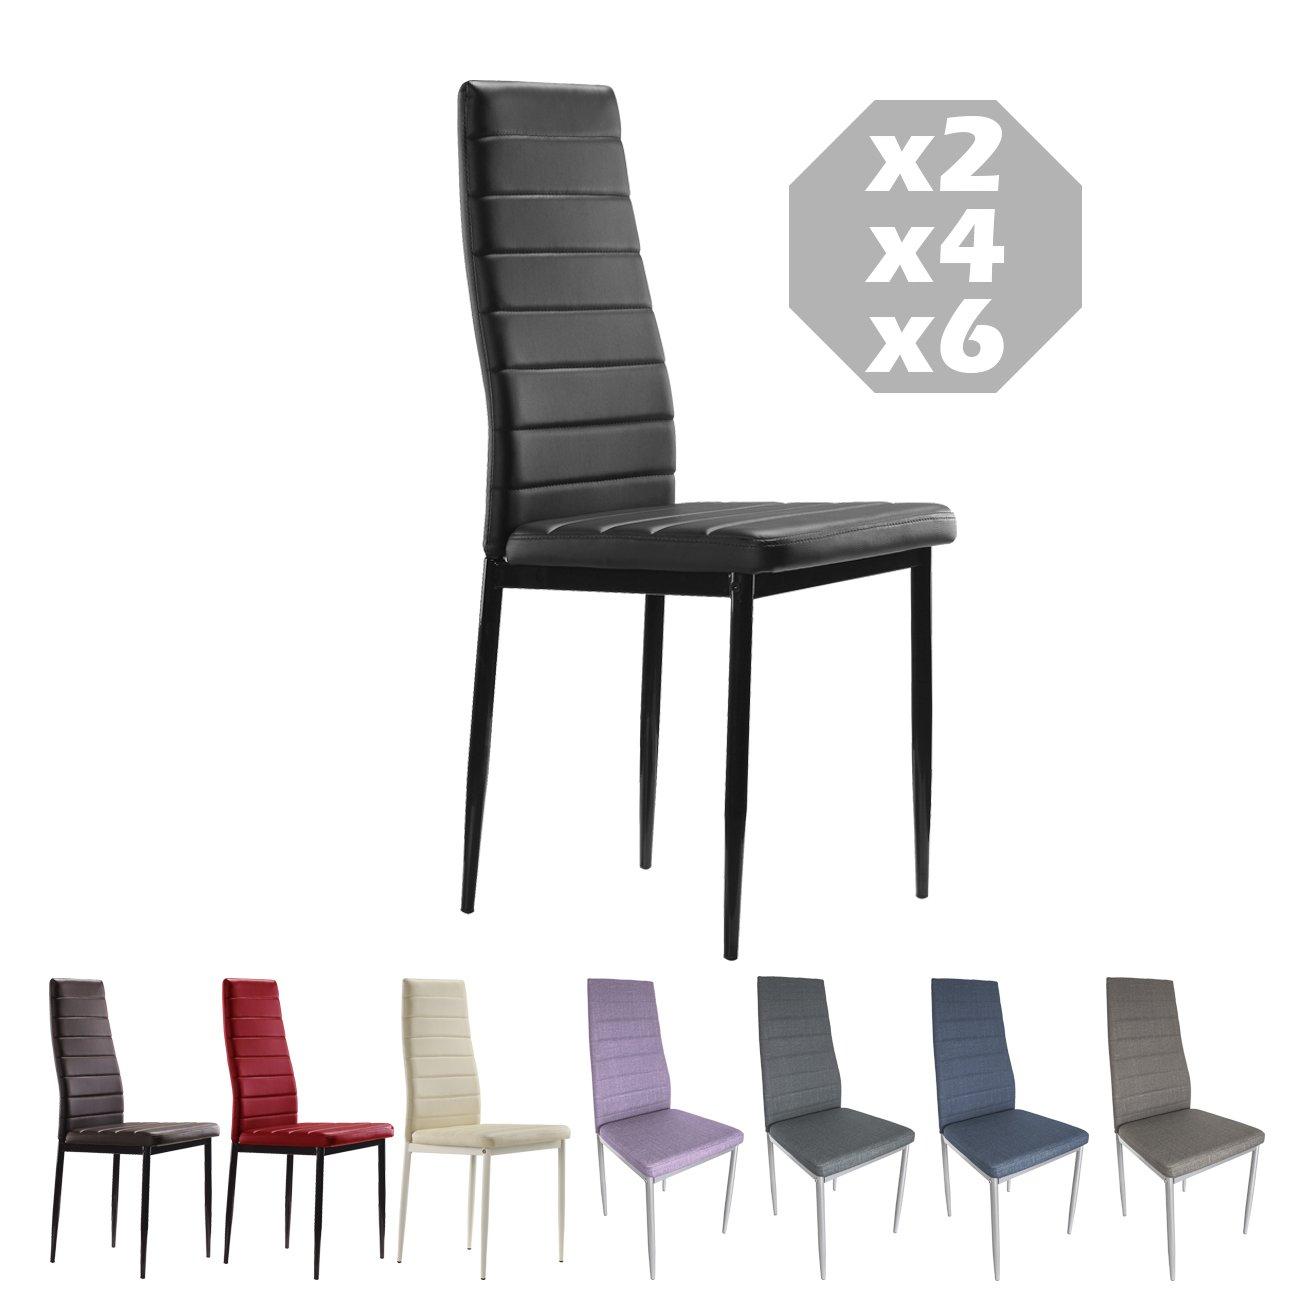 MOG CASA - Conjunto de 2, 4 o 6 sillas de Comedor con Patas metálicas